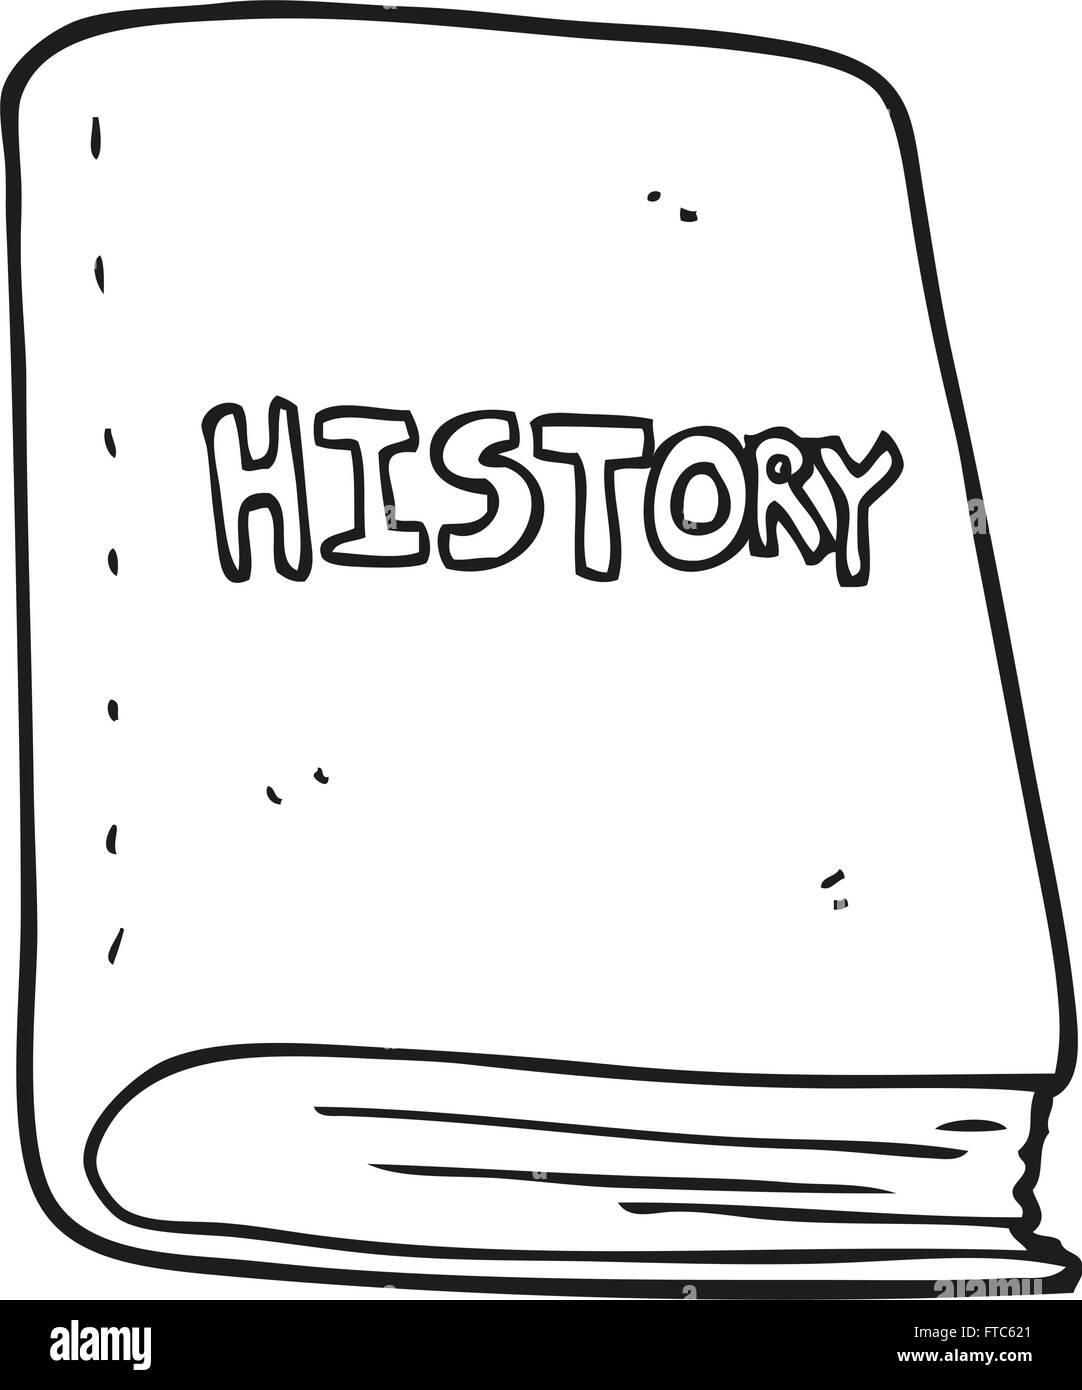 Dibuja A Mano Alzada En Blanco Y Negro Libro De La Historia De Dibujos Animados Imagen Vector De Stock Alamy